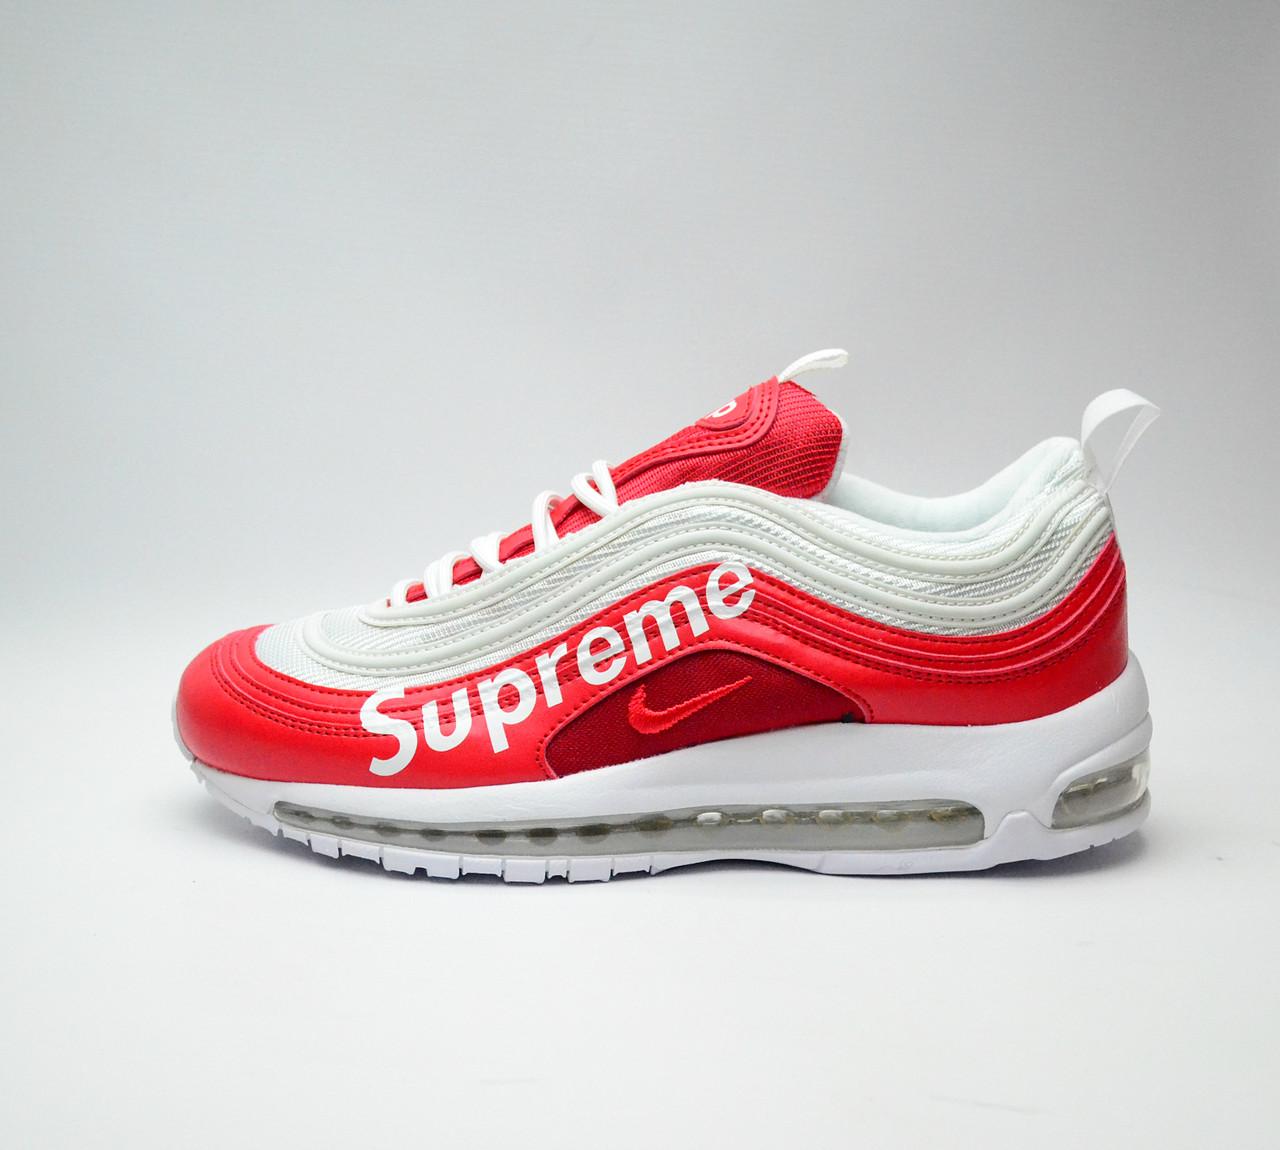 0a65d5711d2d Мужские кроссовки весна осень Nike Air Max 97 x Supreme (найк аир макс)